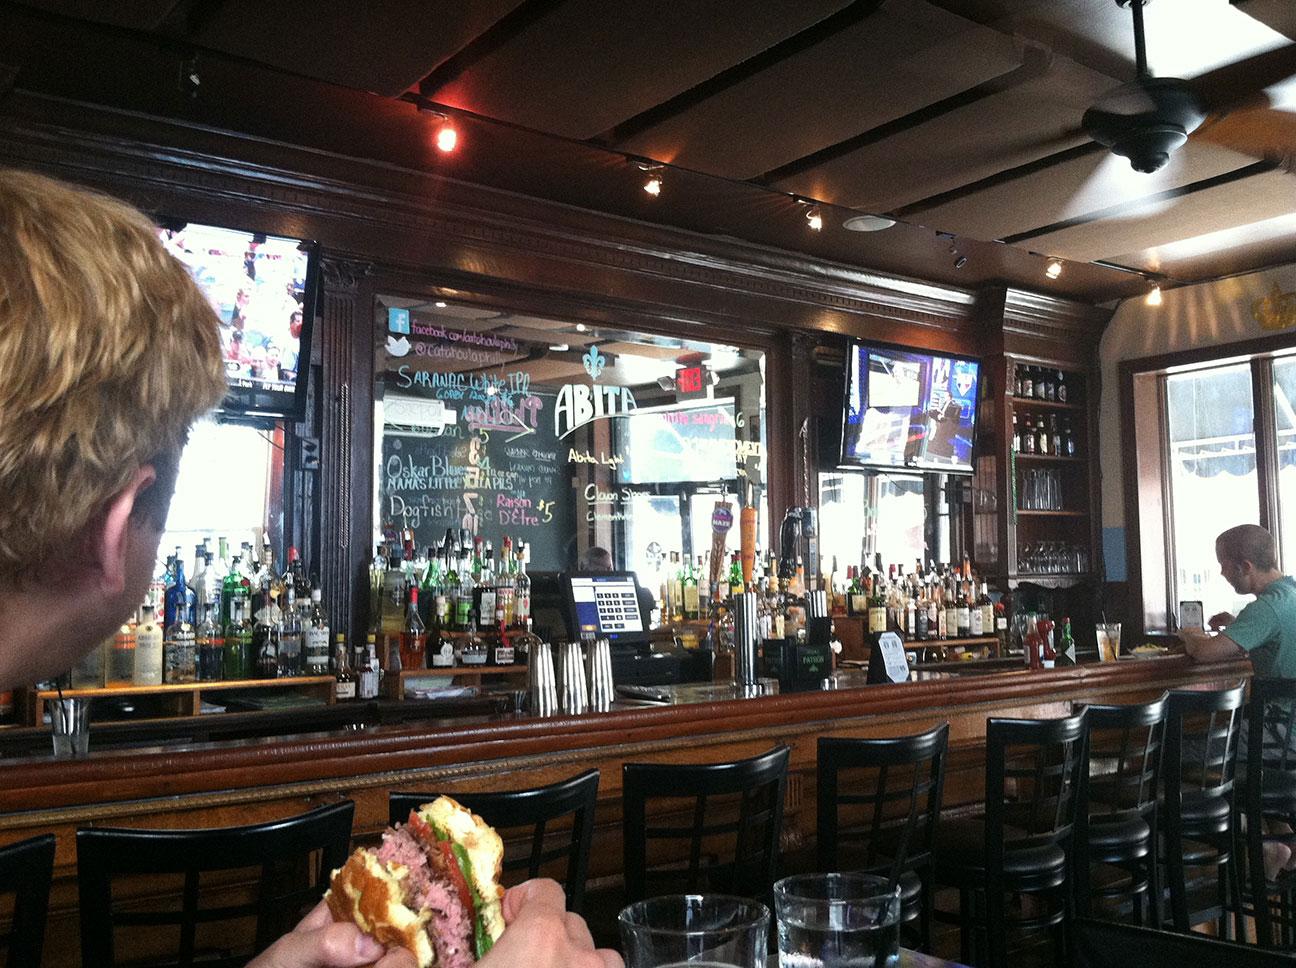 the bar at Catahoula